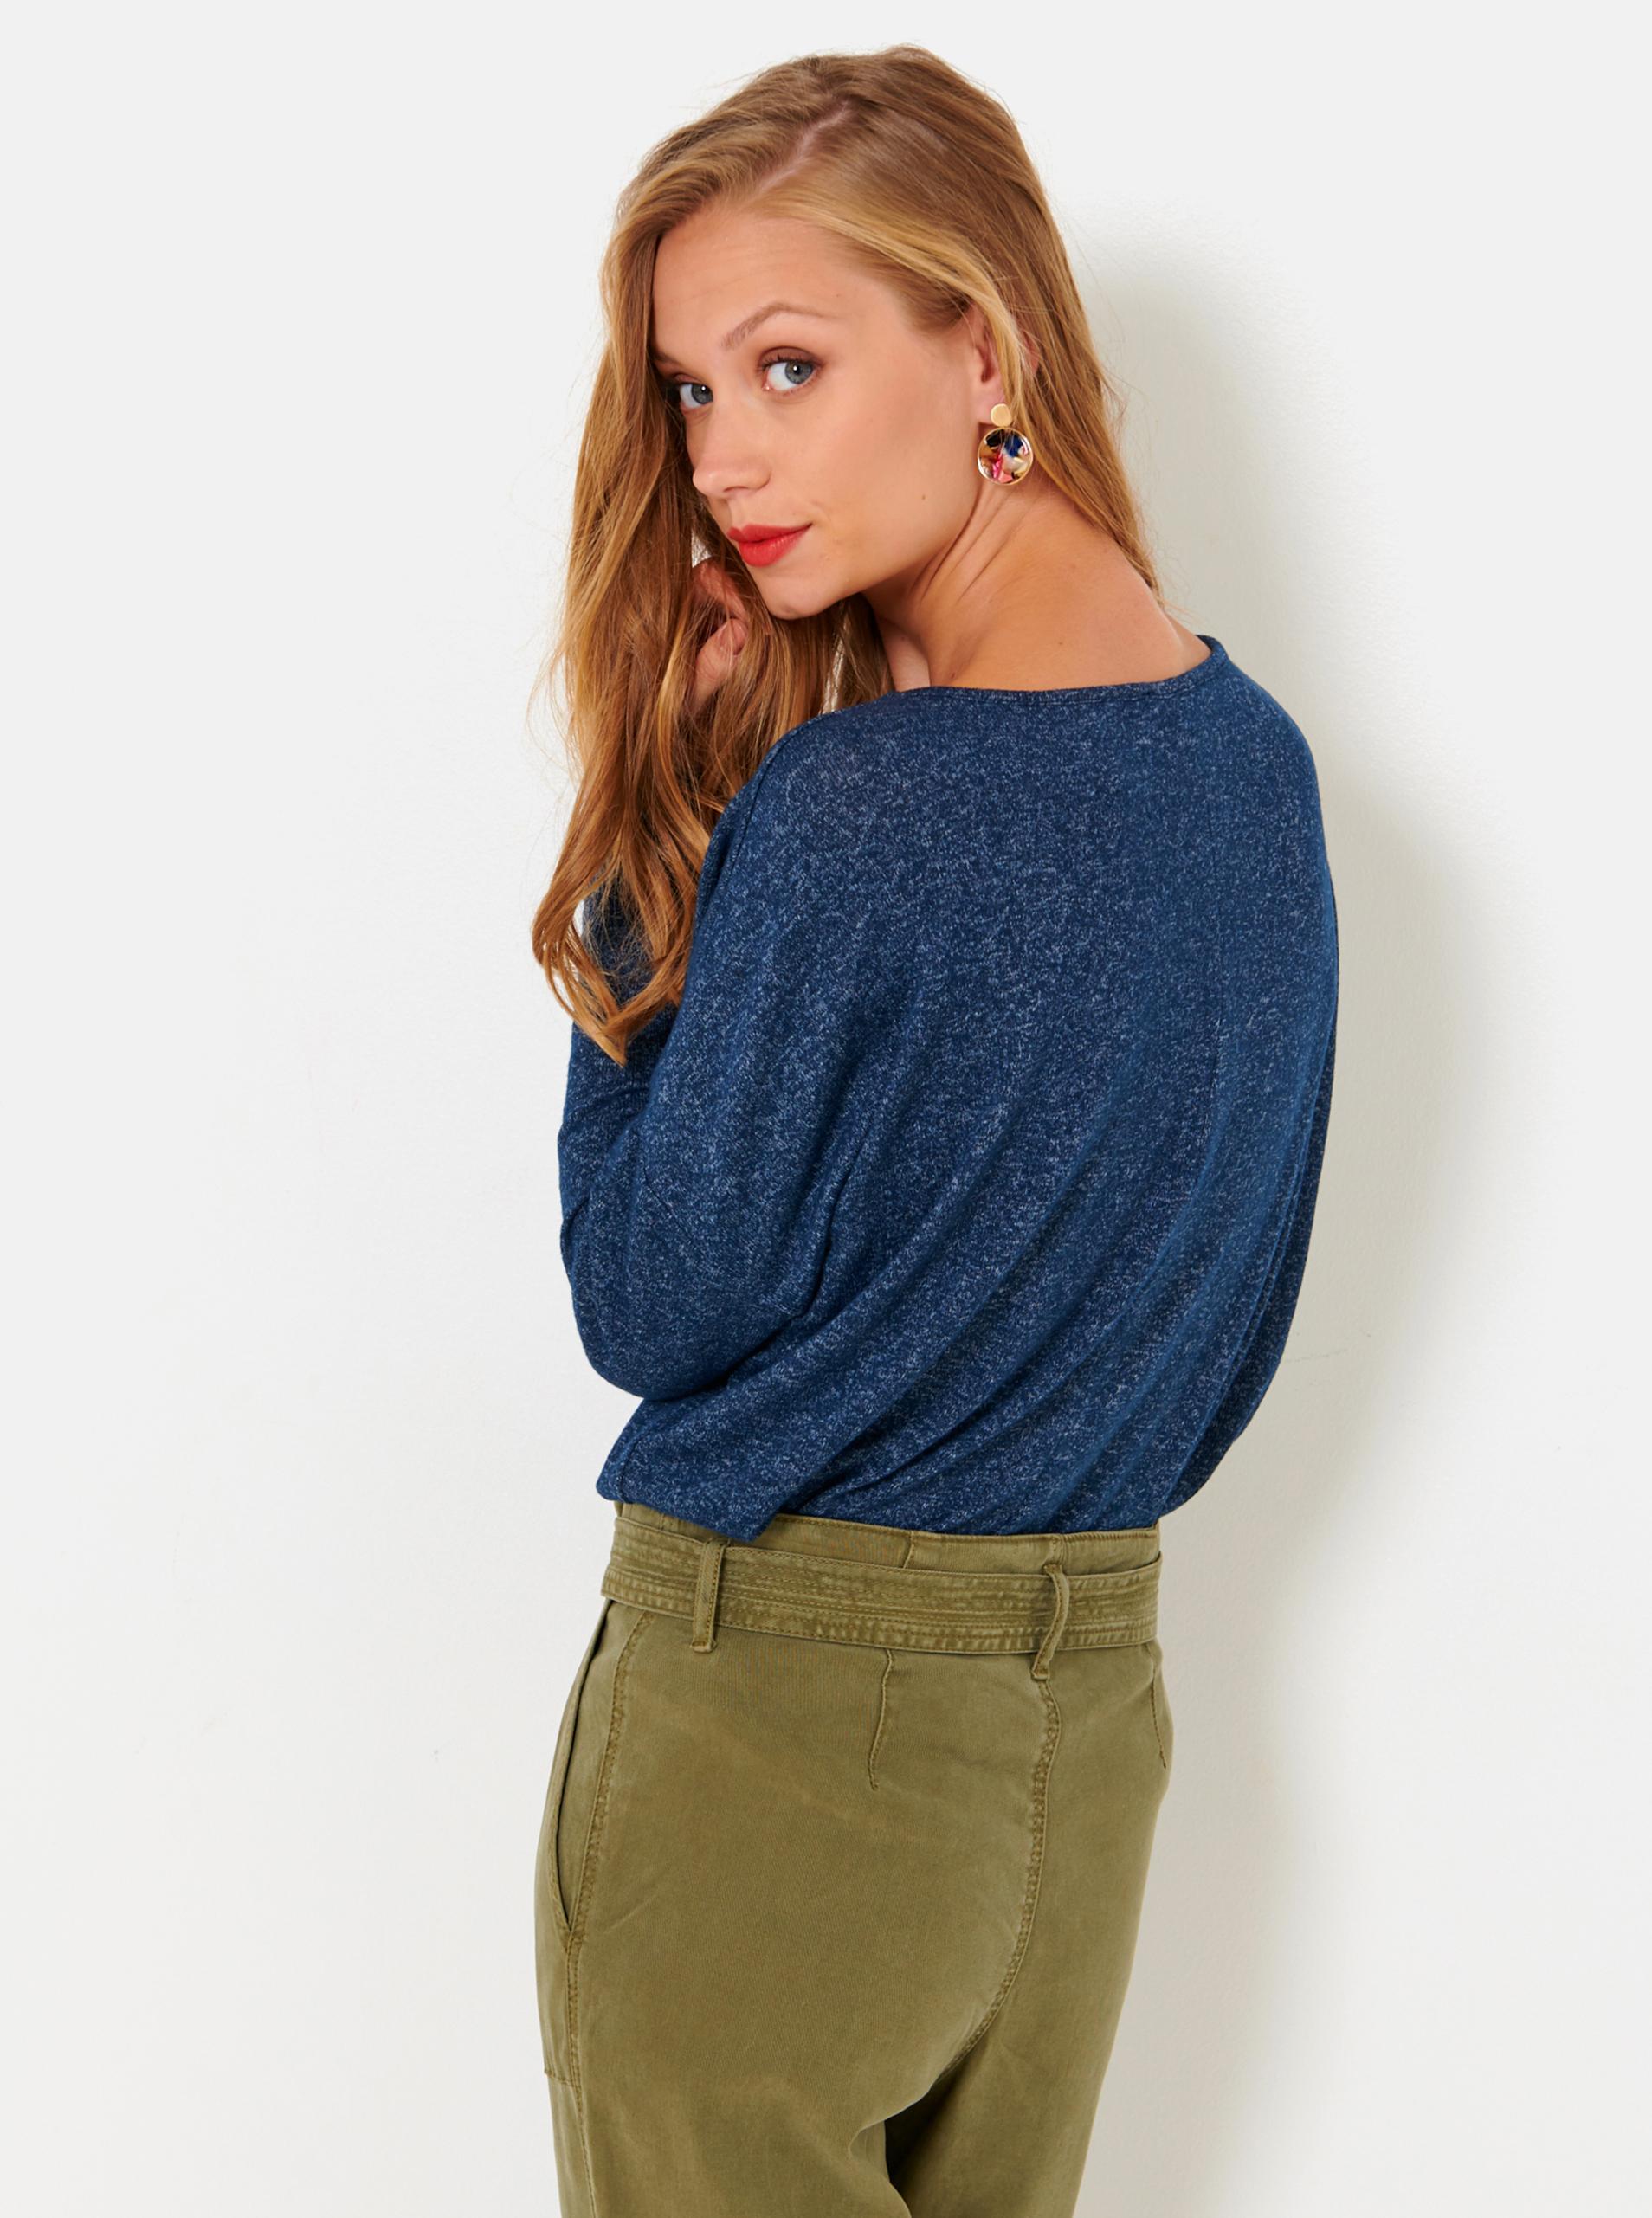 CAMAIEU oliwkowy damska koszulka